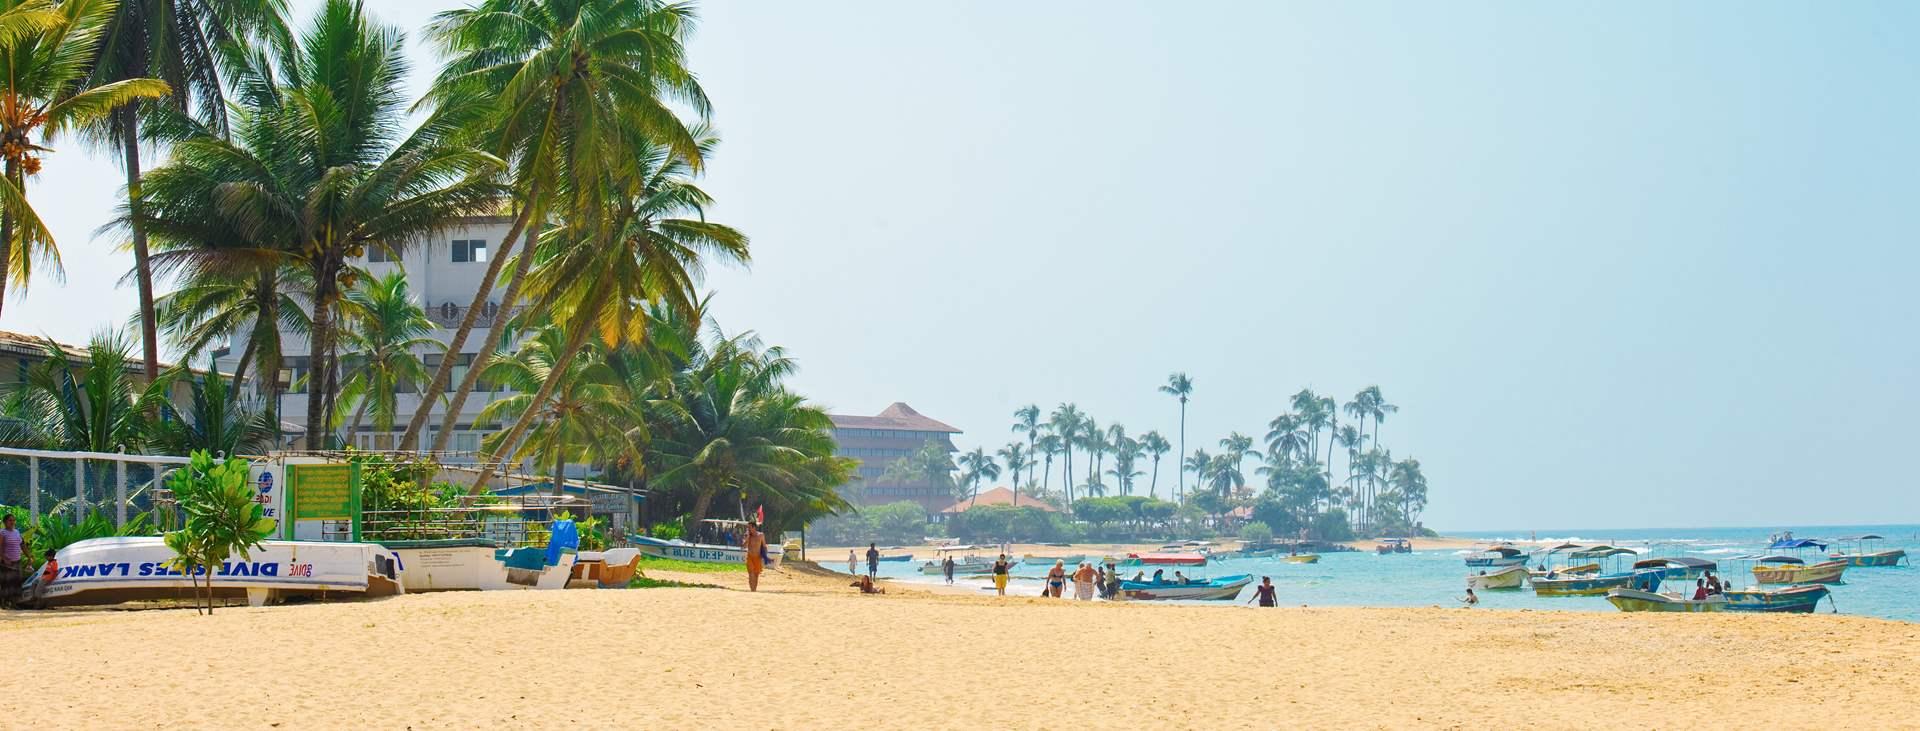 Boka din resa till Hikkaduwa på Sri Lanka med Ving